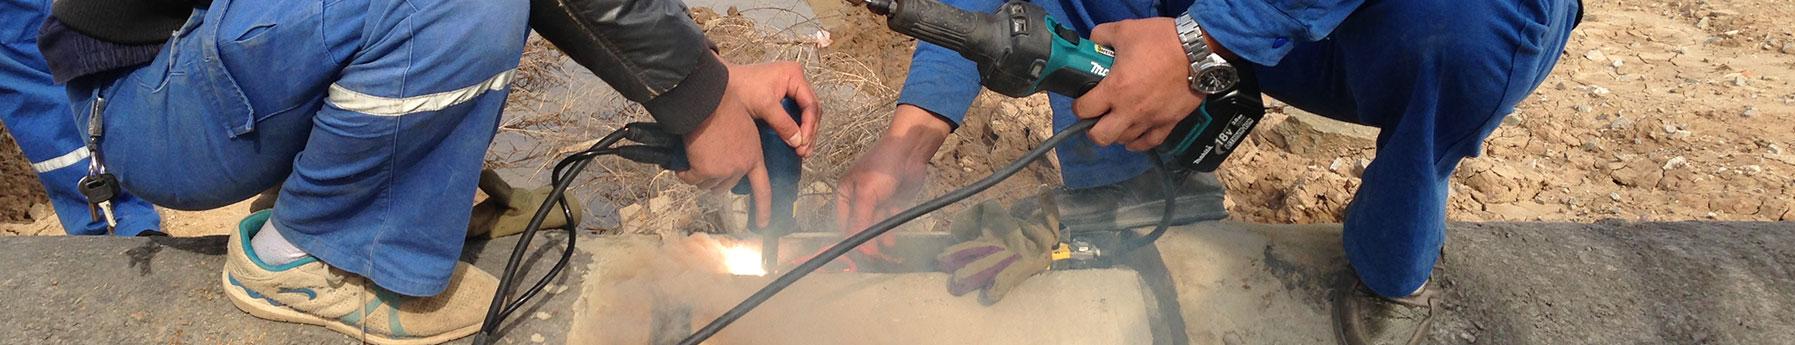 slide-welding-b